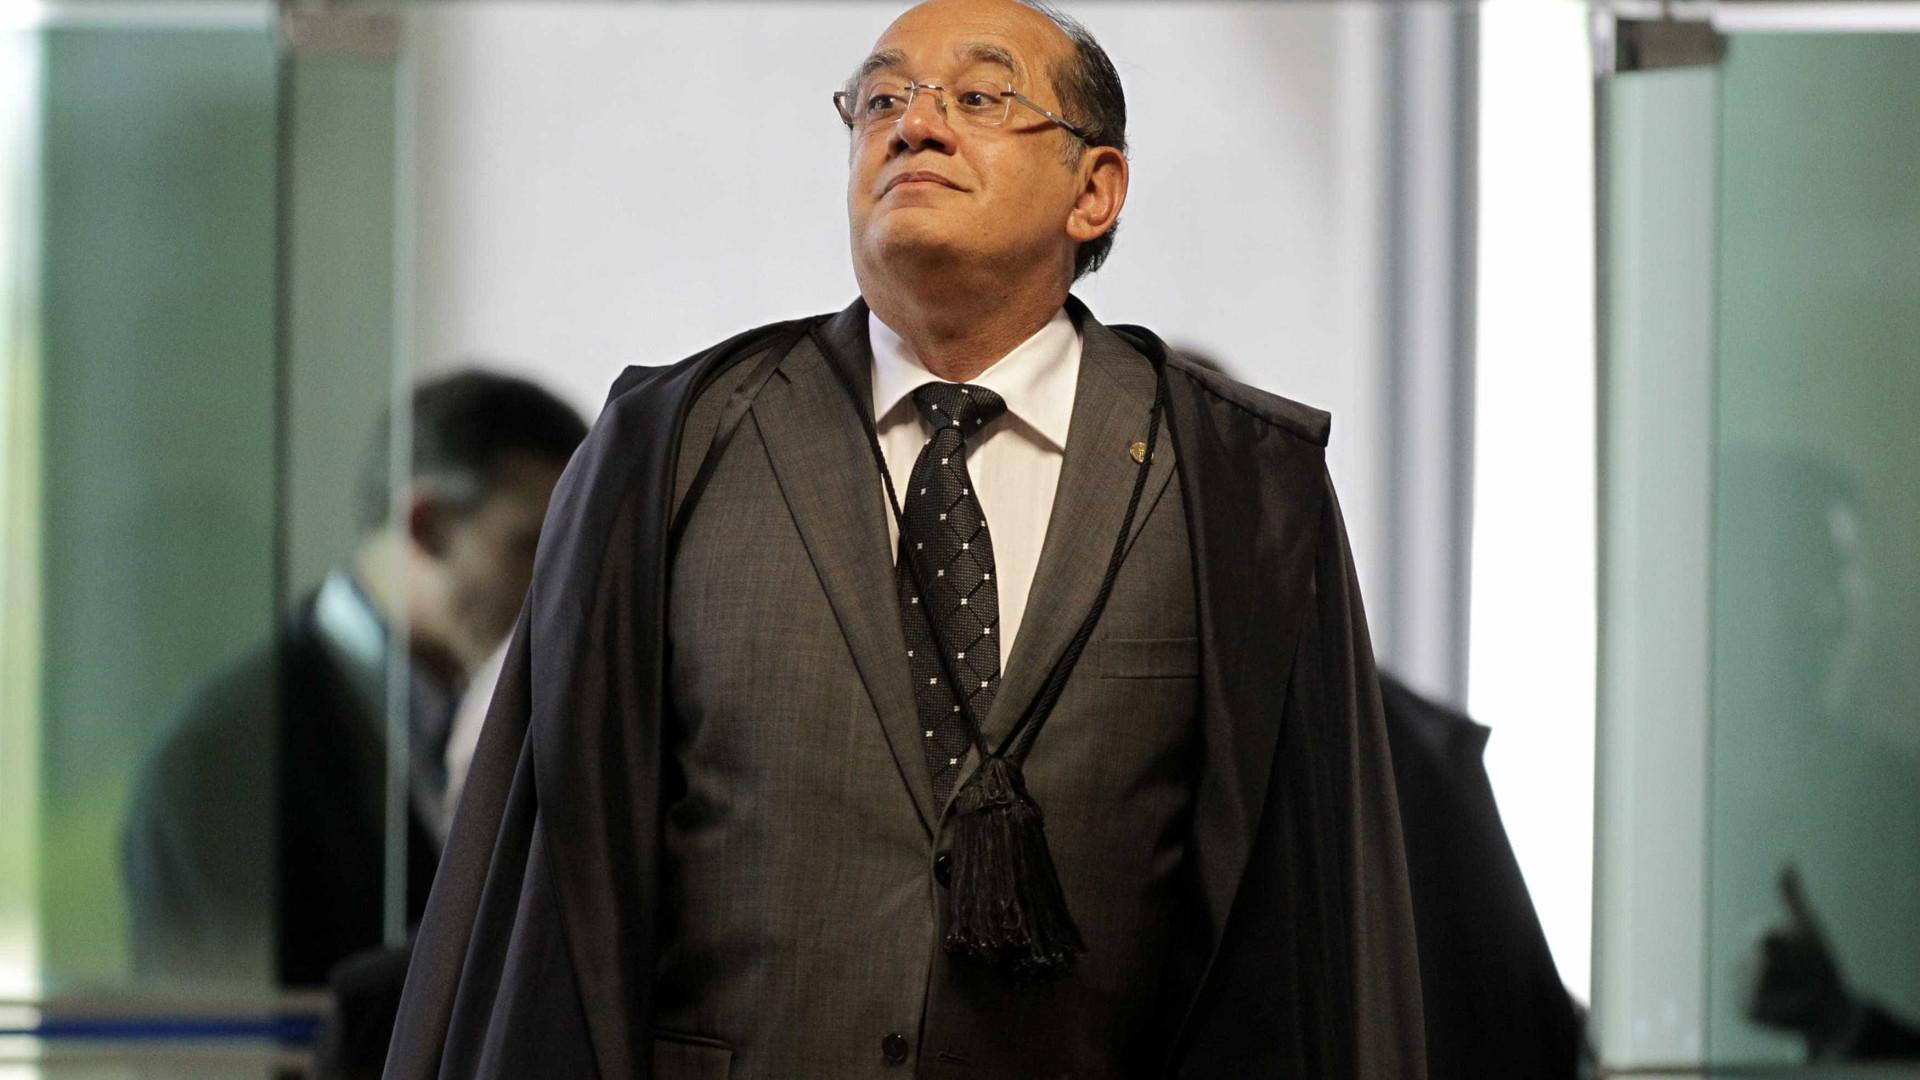 naom 55e43d3b0bef4 - Escândalo no MT revela ligação de Gilmar com políticos investigados